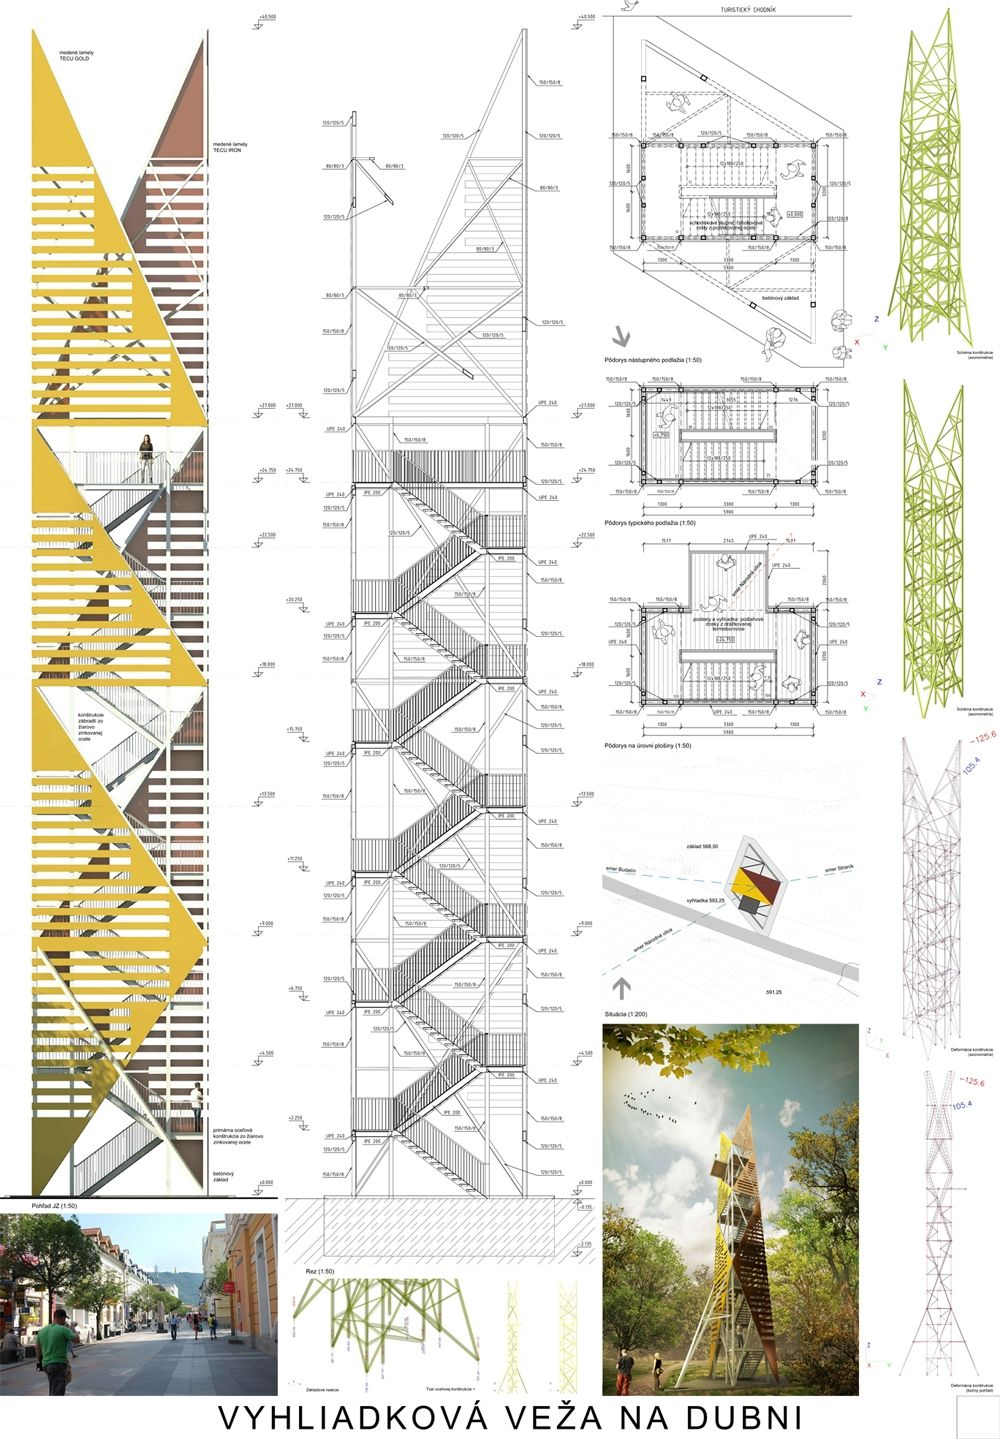 Súťažné návrhy Výhliadková veža na Dubni, foto 18